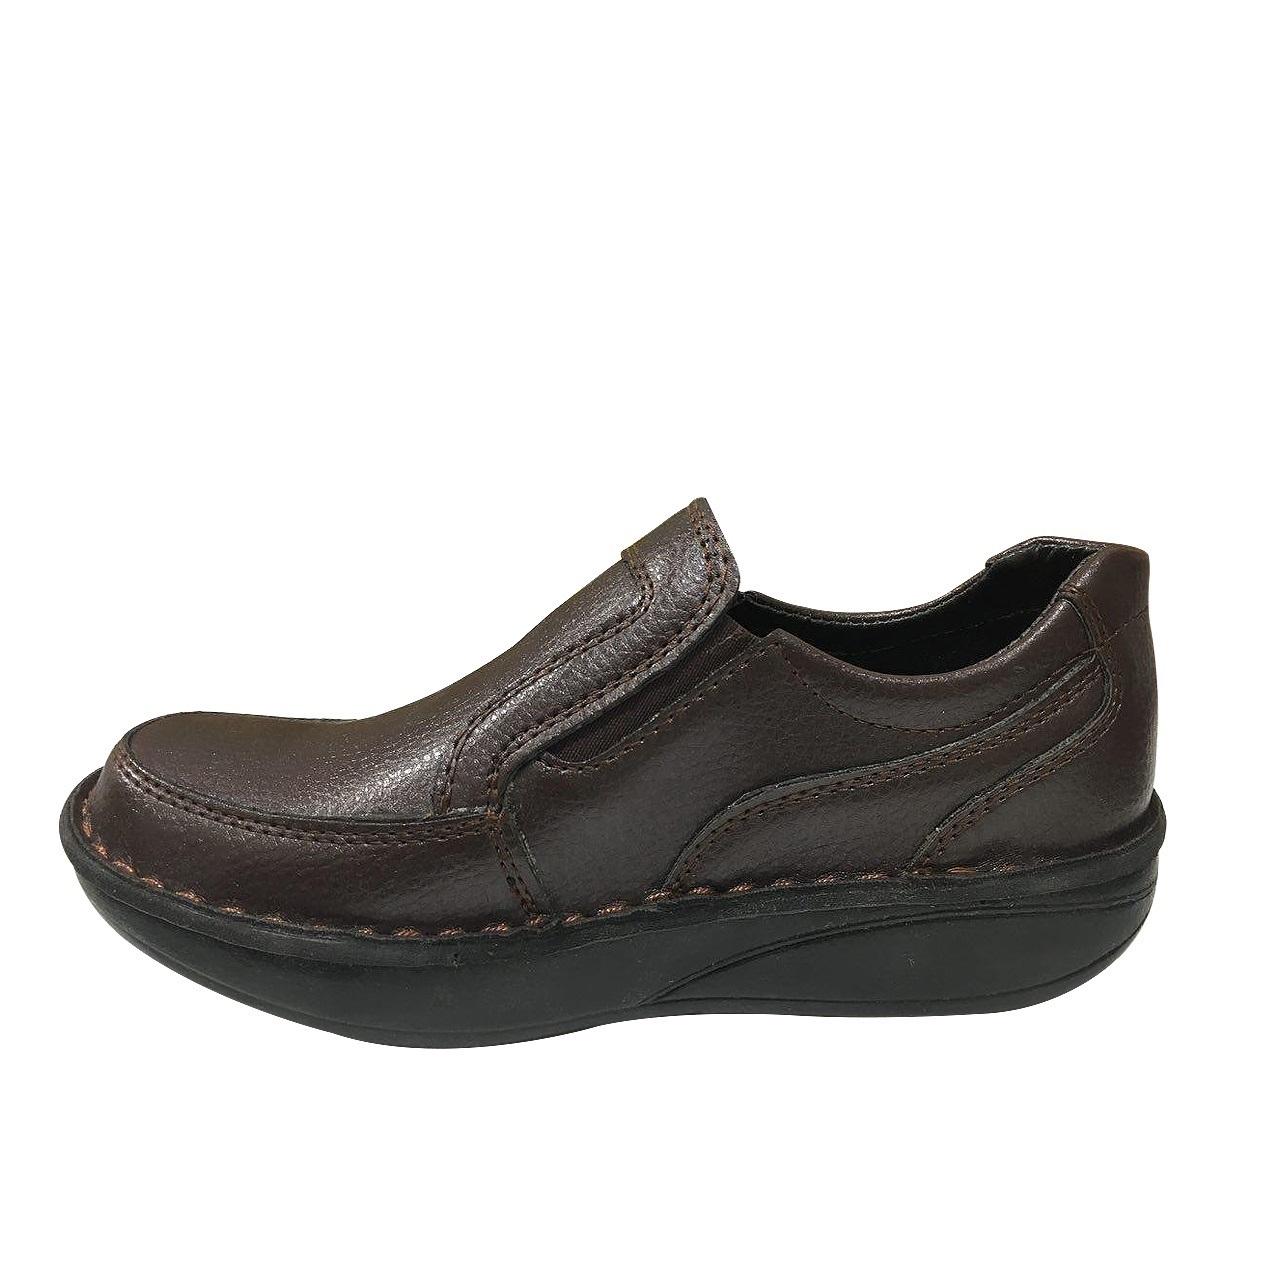 قیمت کفش مردانه مدل Hermes